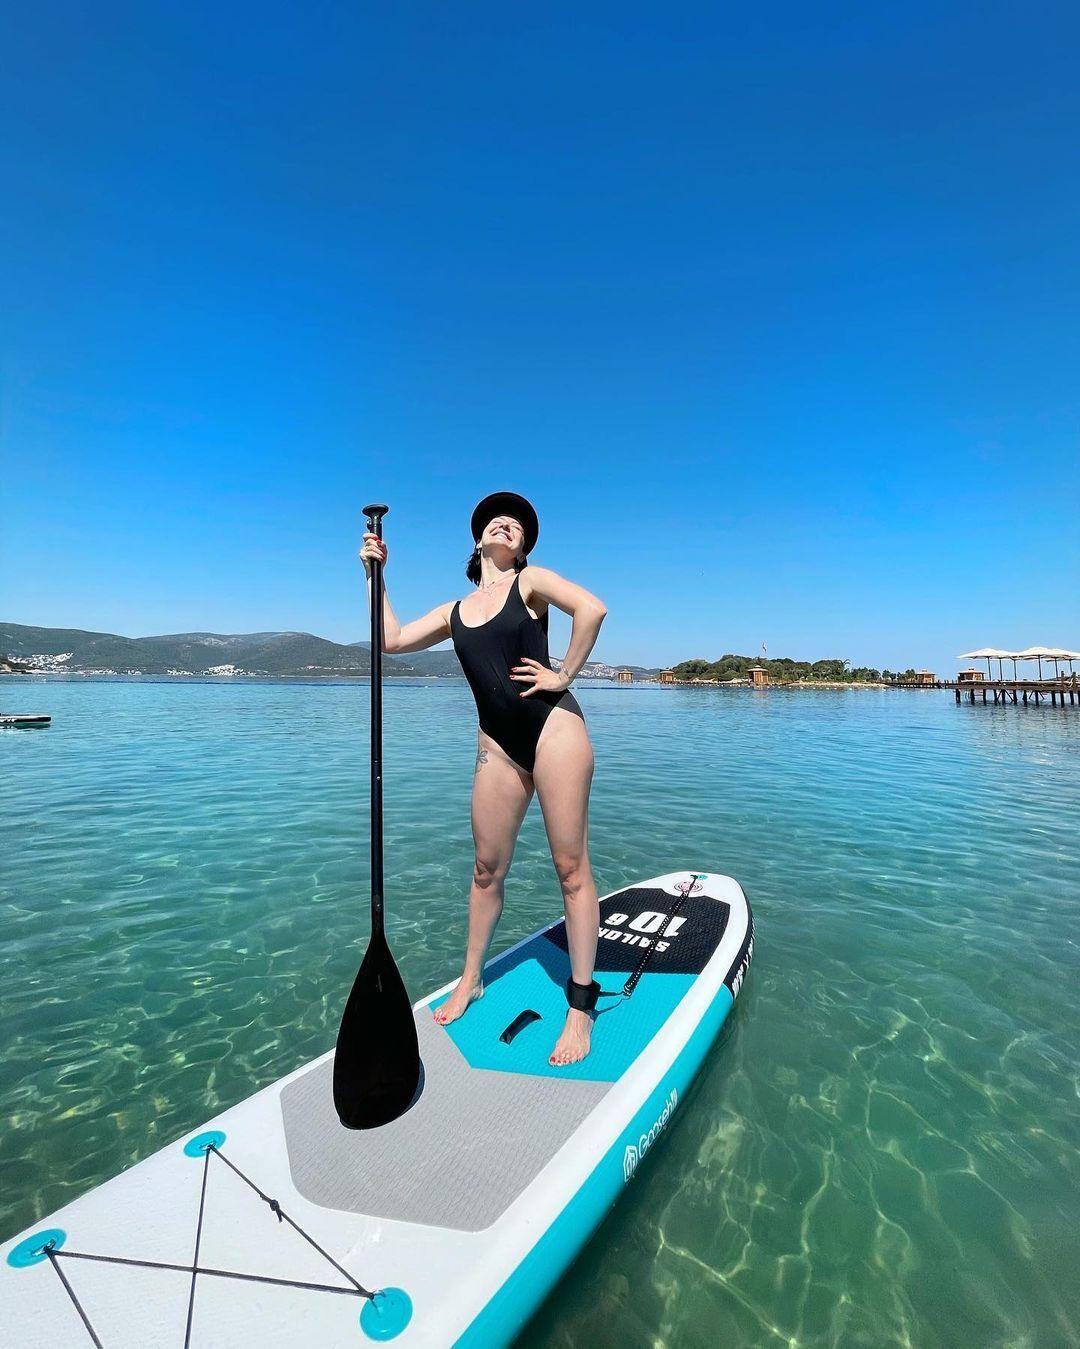 Снежана Бабкина позирует в купальнике в отпуске